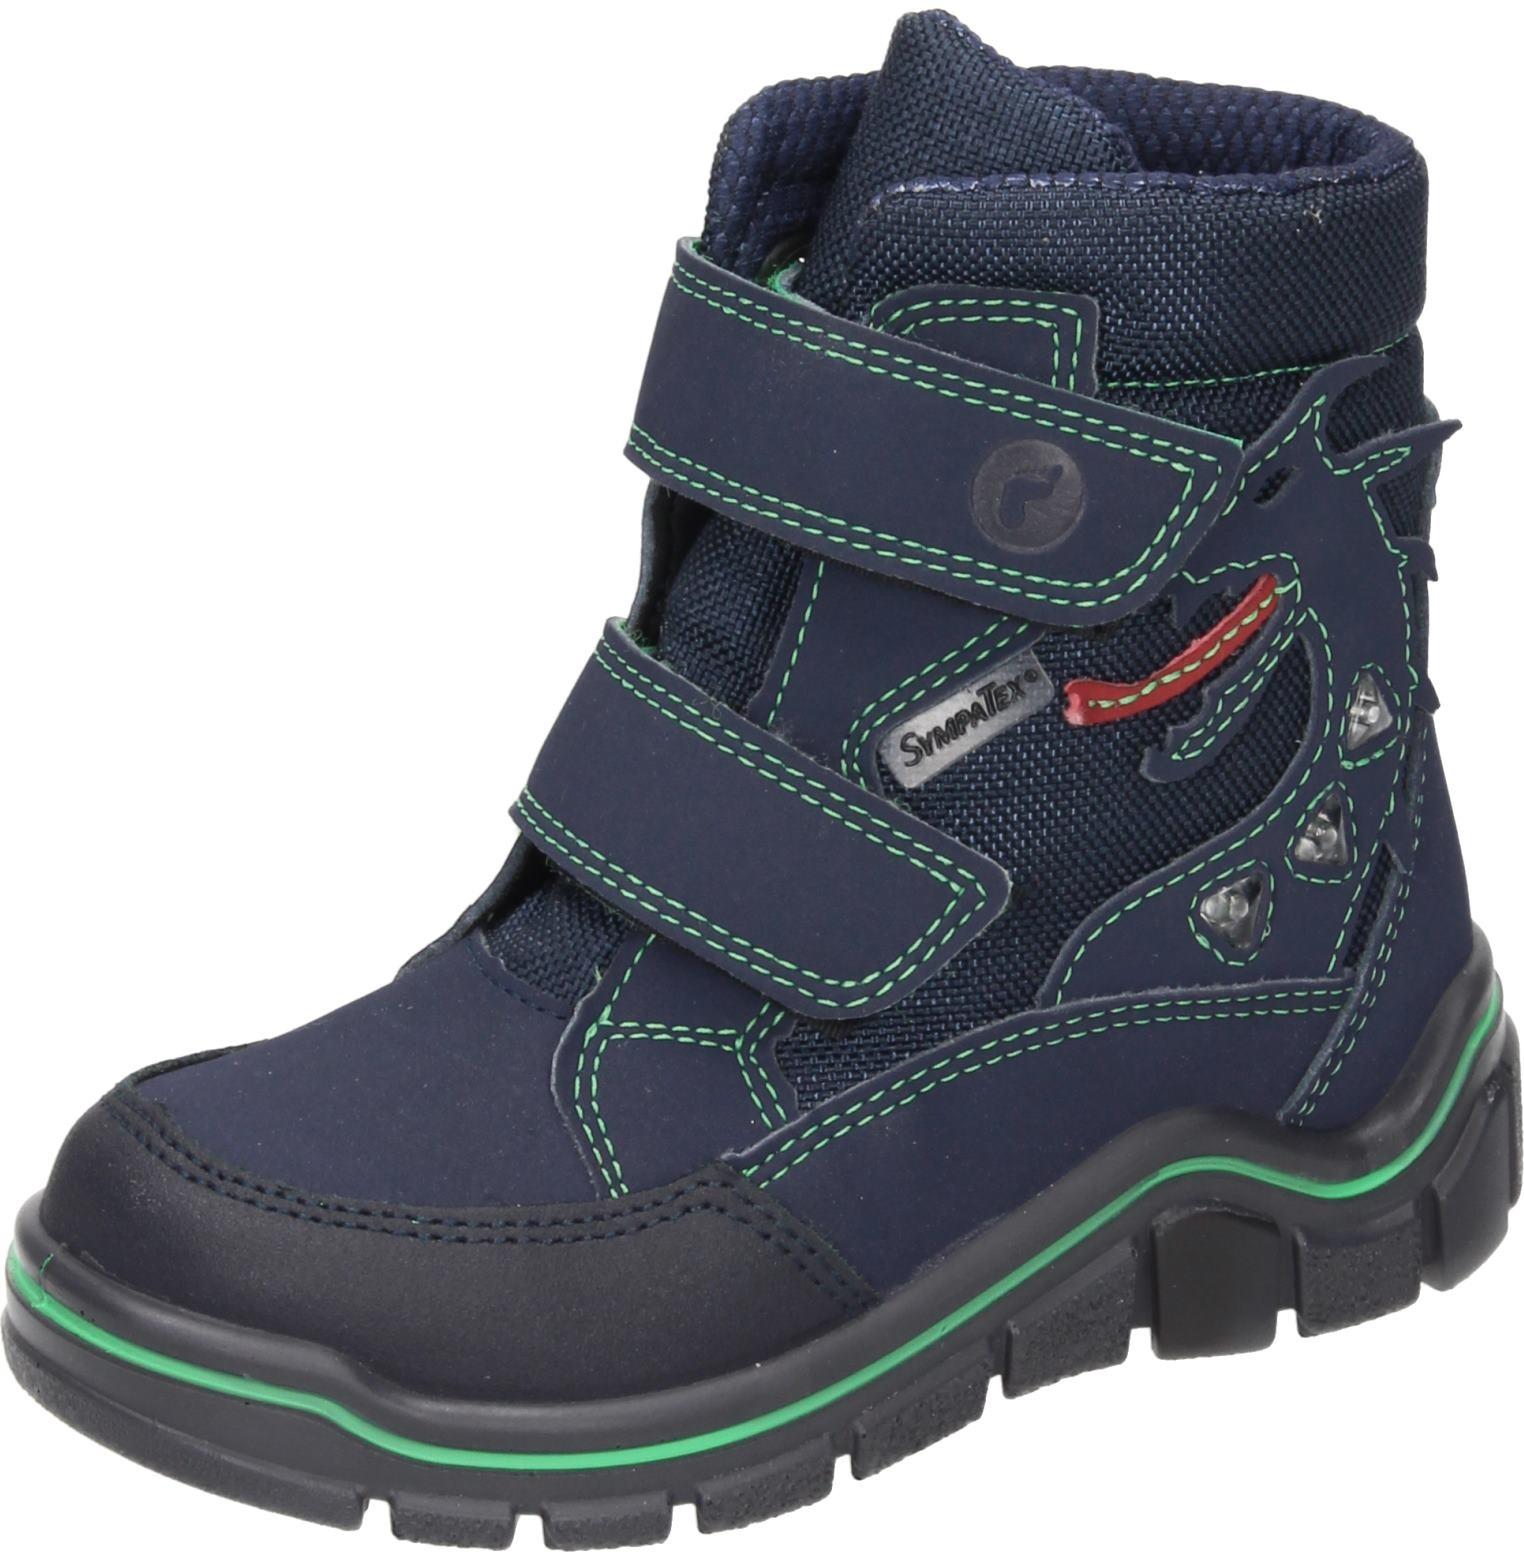 Ricosta Kinder Jungen Schuhe Jungen Klett-Stiefel -W blau Synthetik 470932